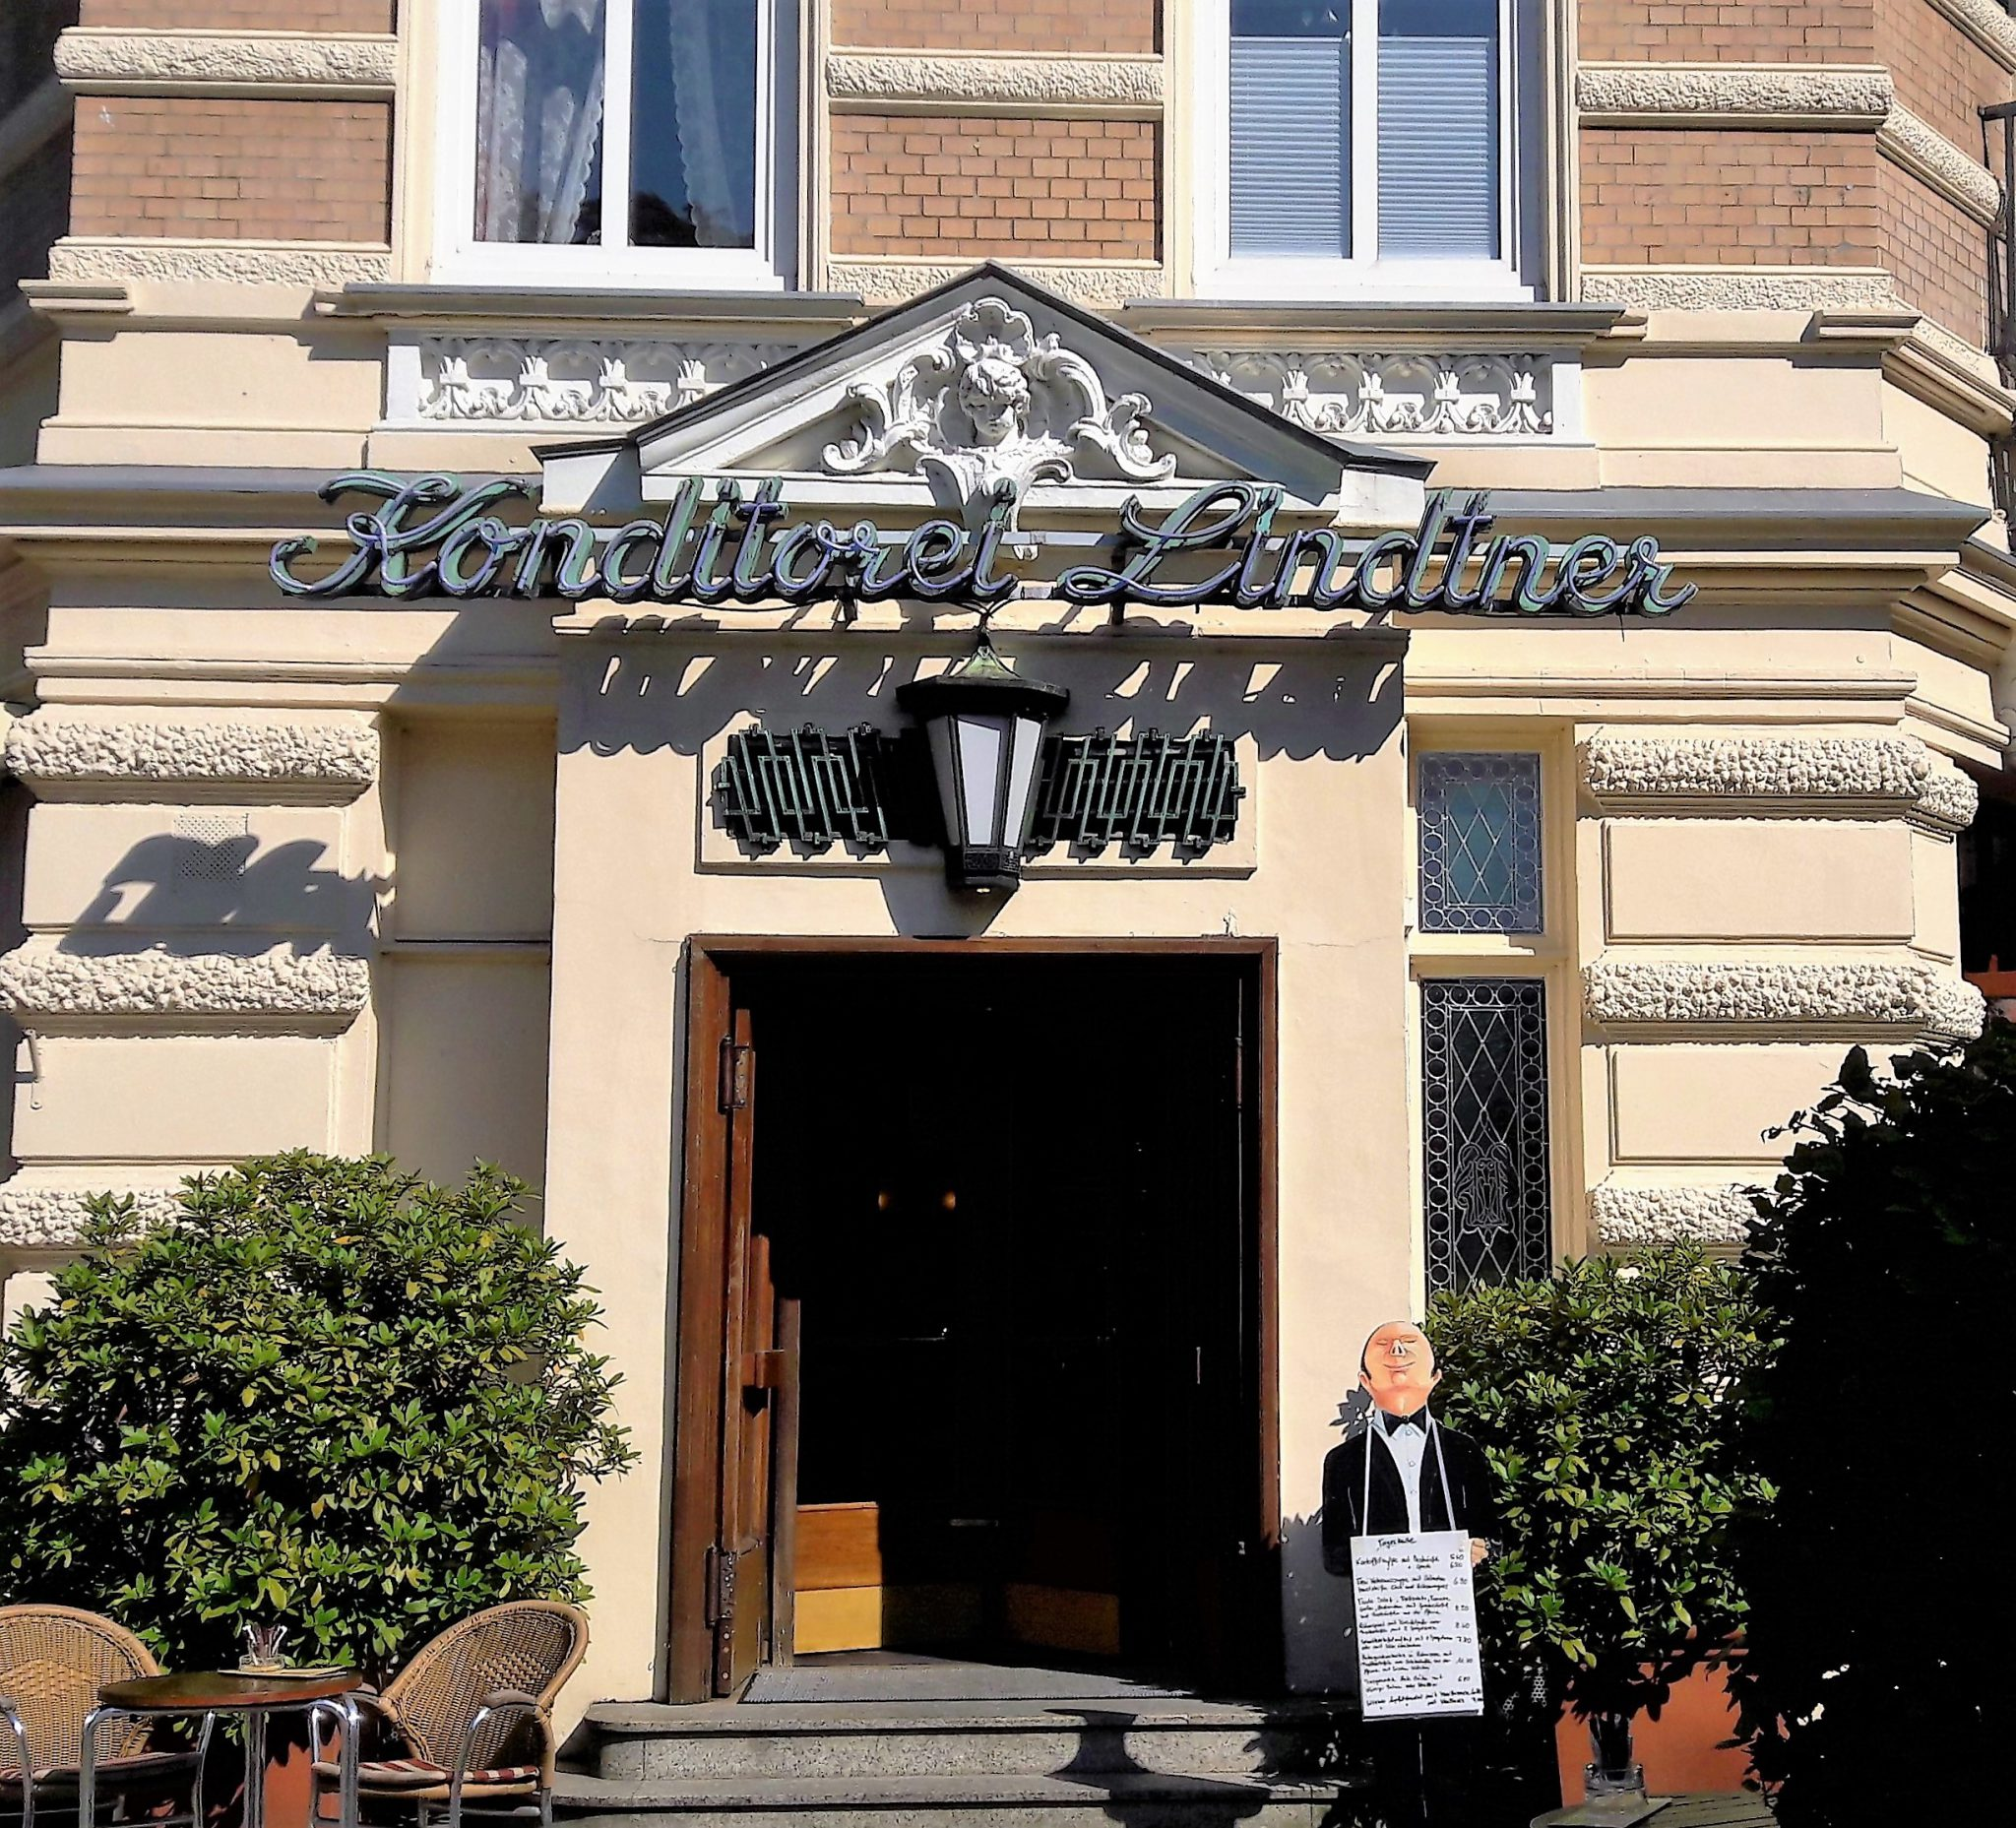 Küchenbedarf Hamburg Eppendorf ~ mein streifzug durch hamburg eppendorf typisch hamburch